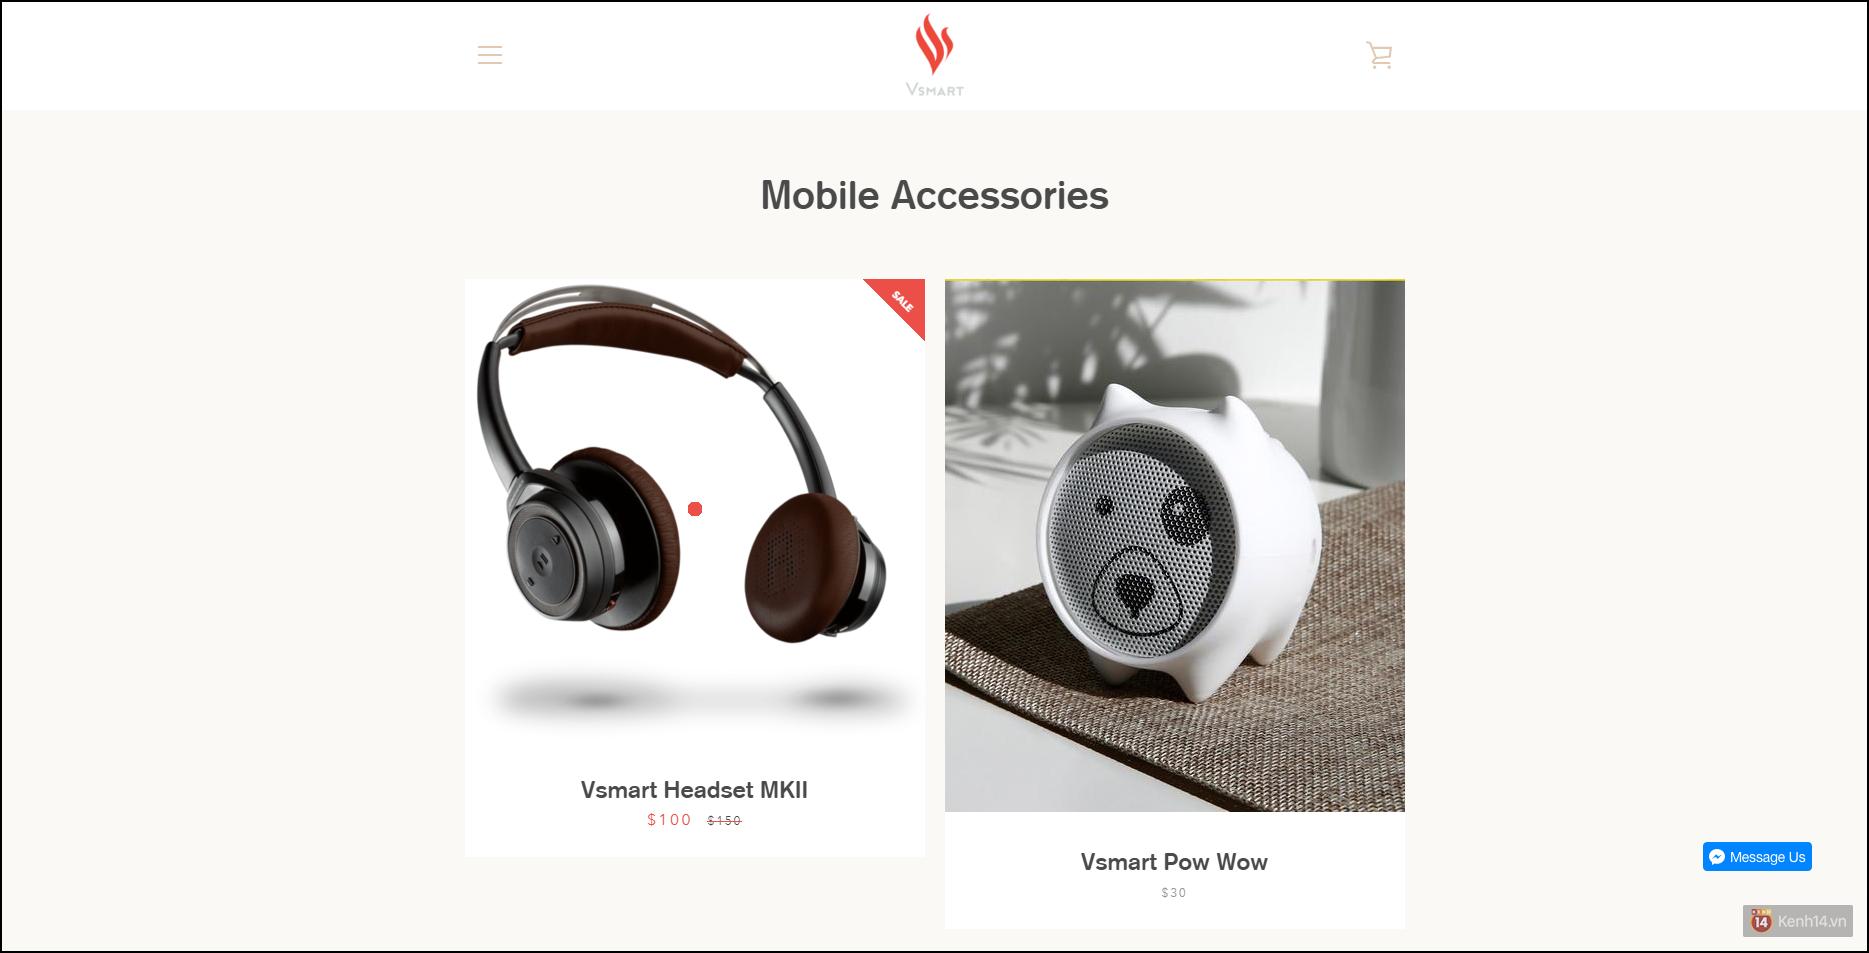 Website của Vsmart lộ diện lúc nửa đêm: Sẽ bán ra toàn cầu, làm cả smartphone lẫn tai nghe, loa ngoài? - Ảnh 10.